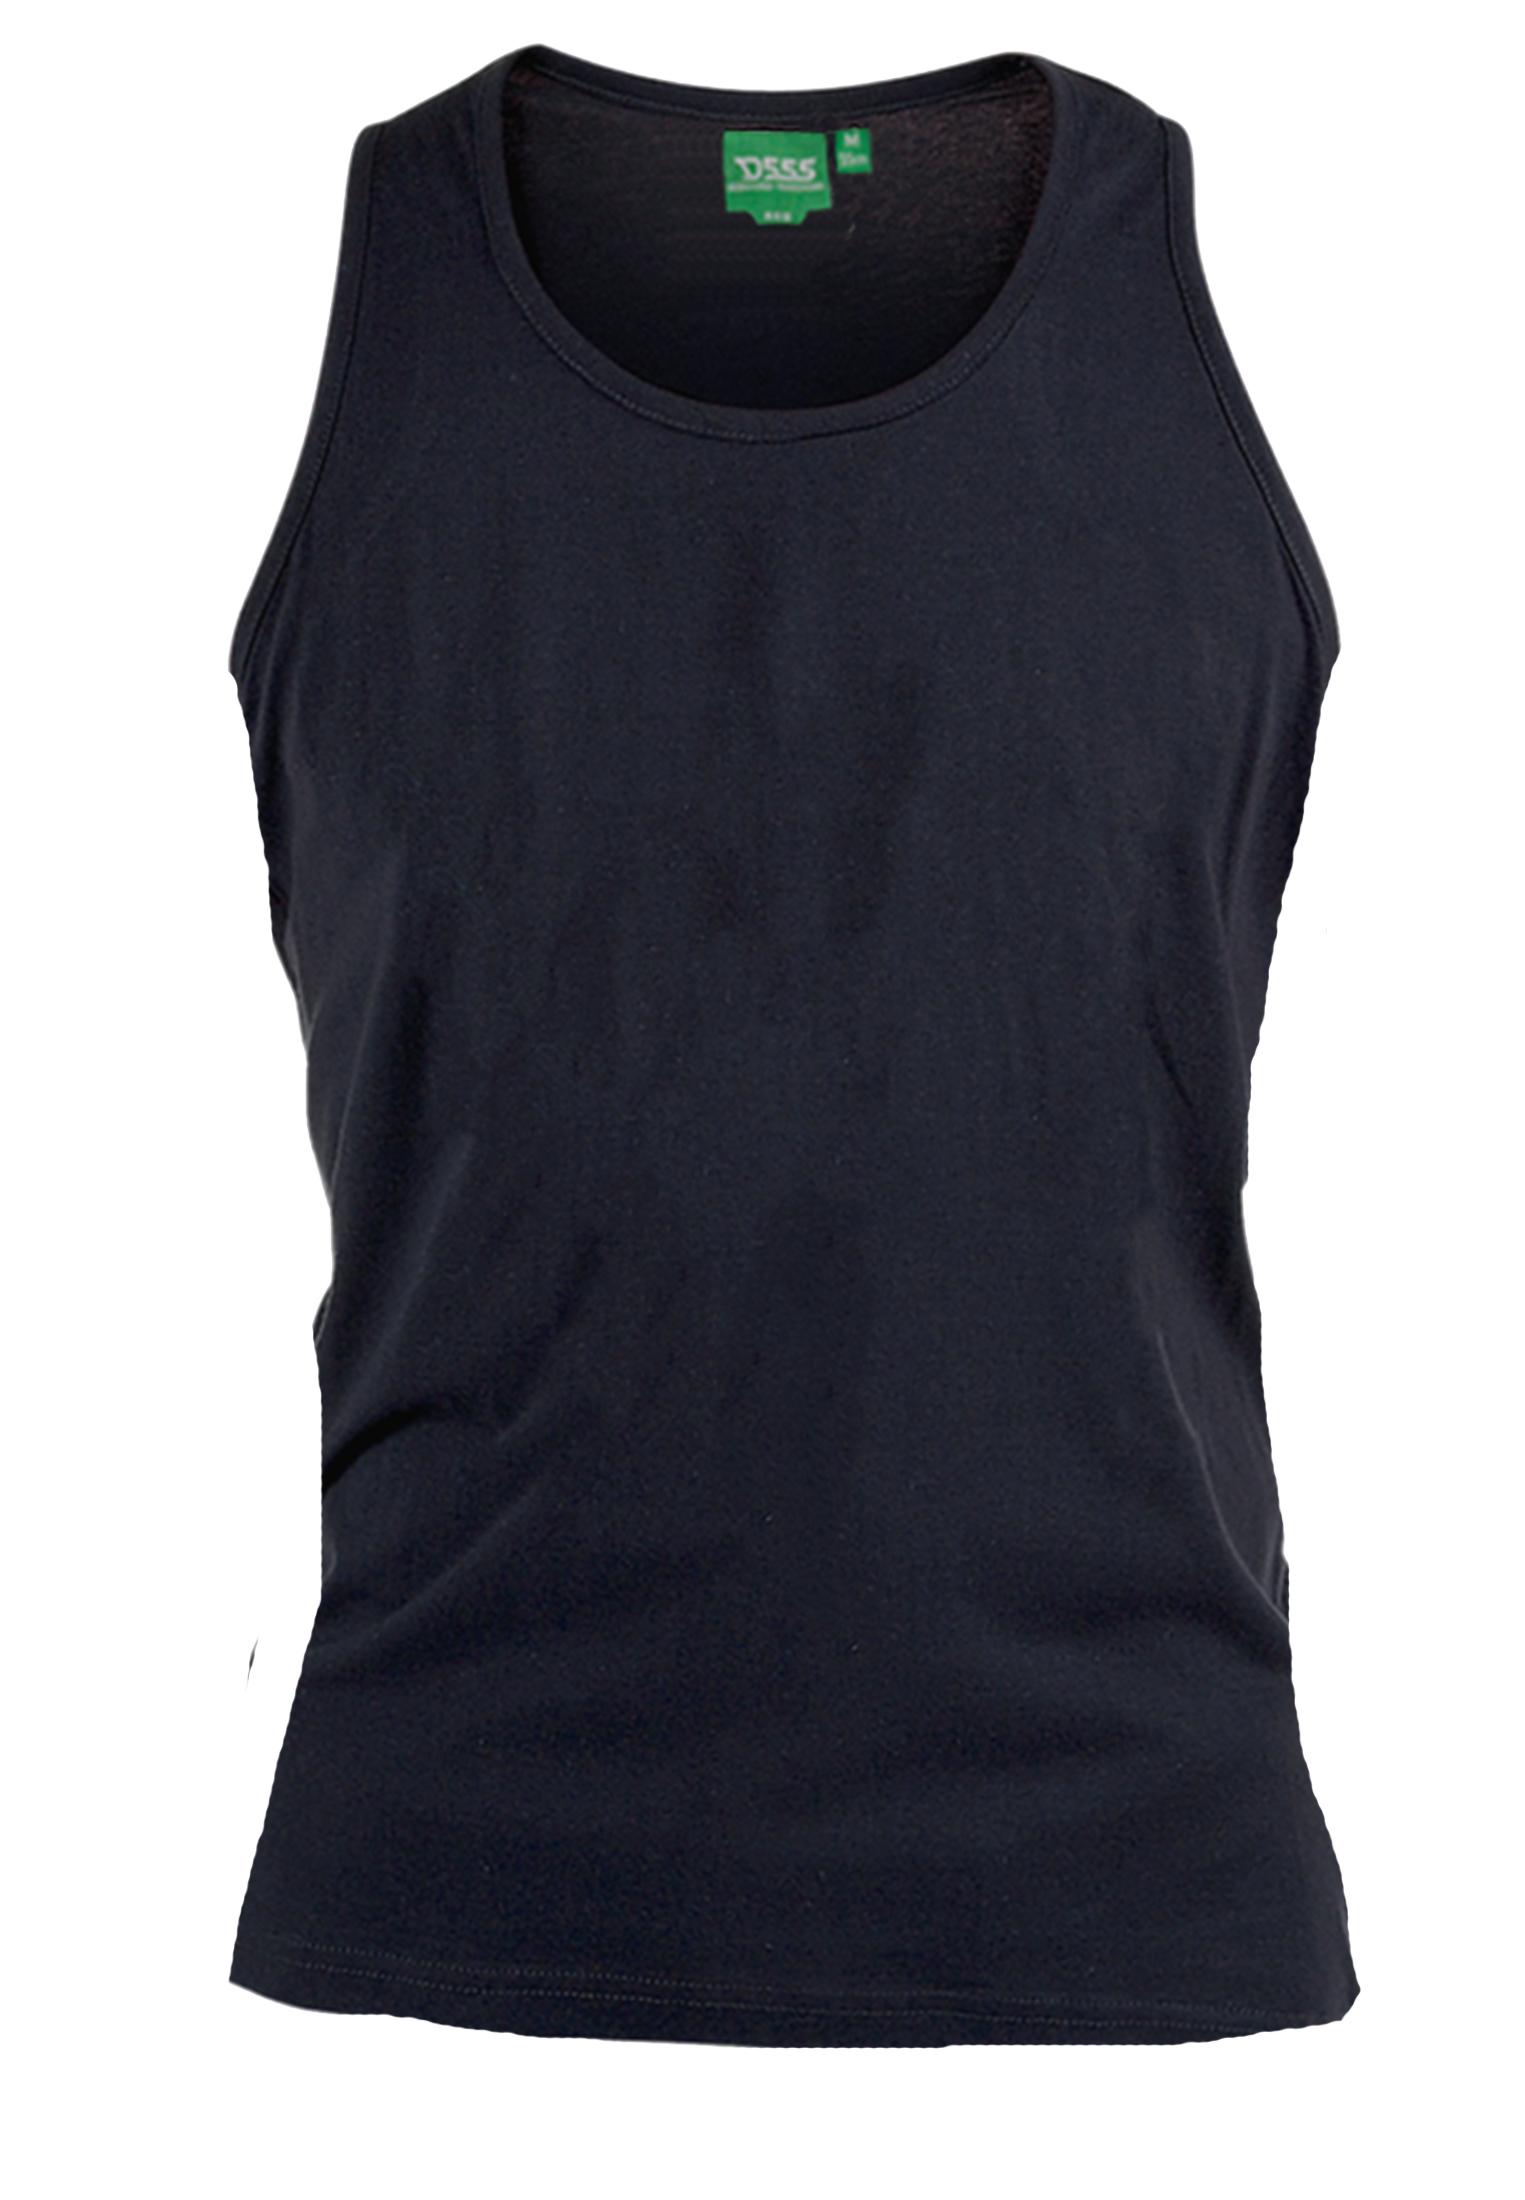 Basic effen tanktop van D555 met ronde hals. Zeer multifunctionele tanktop om te dragen, bijvoorbeeld onder overhemden, T-shirts en truien maar ook ideaal te dragen met de warme dagen, als loungewear of als pyjama shirt. LET OP! Het artikel valt ruim, dus u kunt gerust een maatje kleiner bestellen dan normaal.